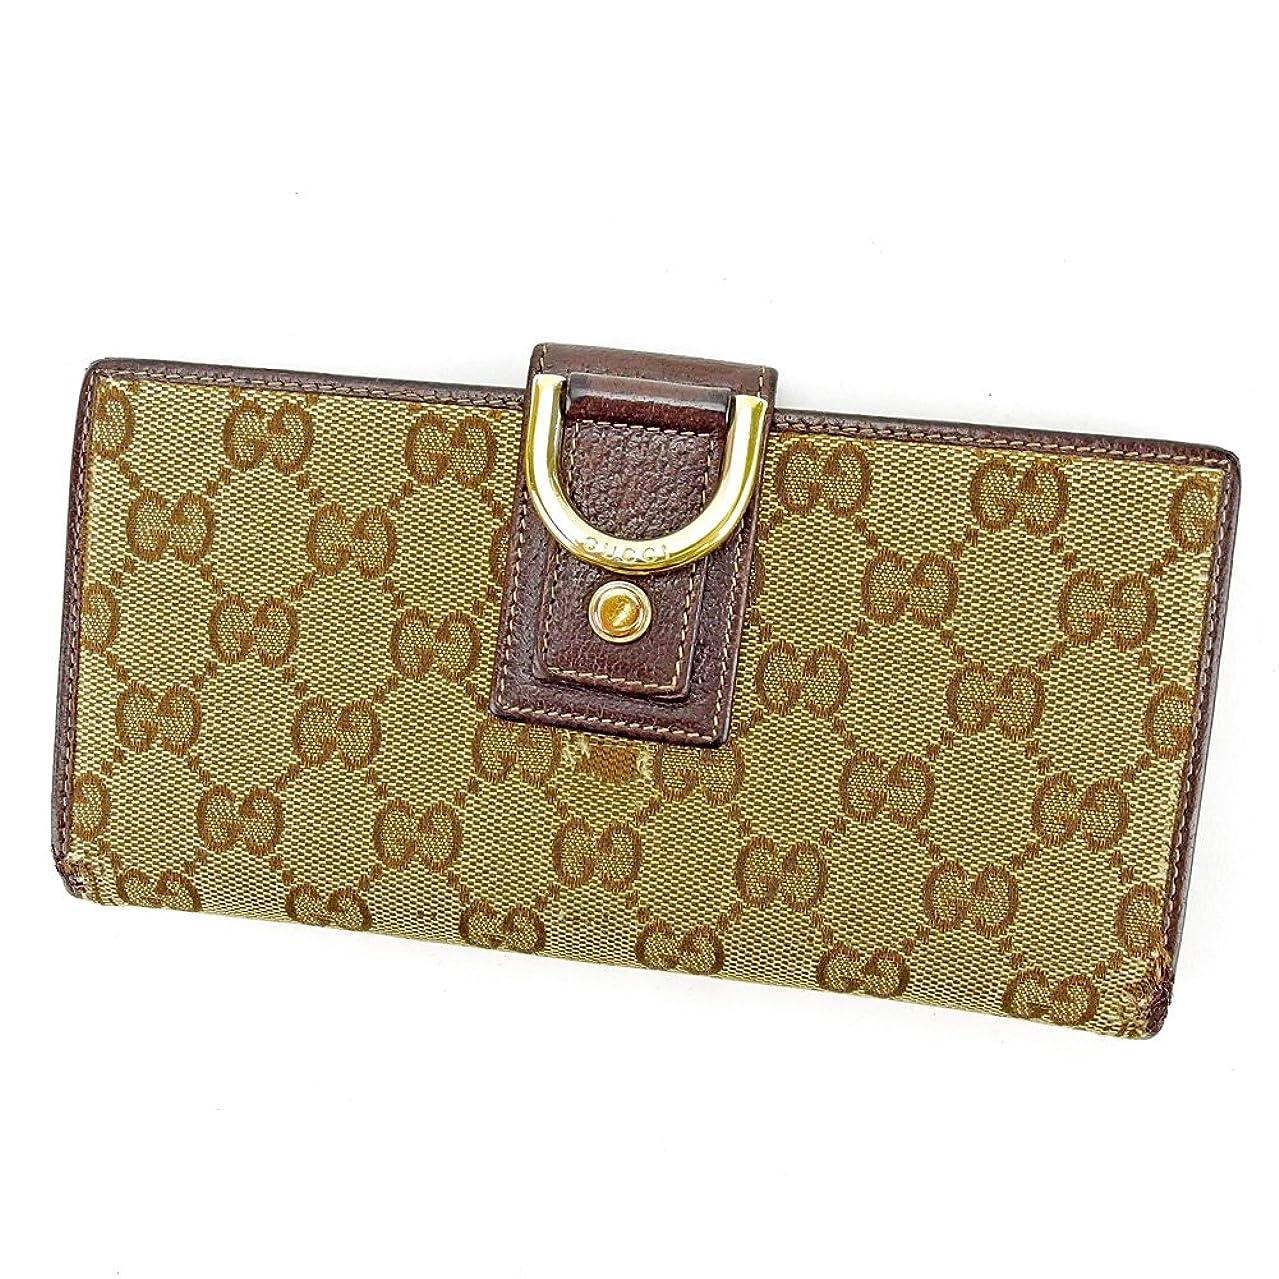 開梱平行教養がある(グッチ) Gucci 長財布 ファスナー付き 財布 ベージュ×ブラウン×ゴールド アビー GGキャンバス レディース メンズ 可 中古 S620